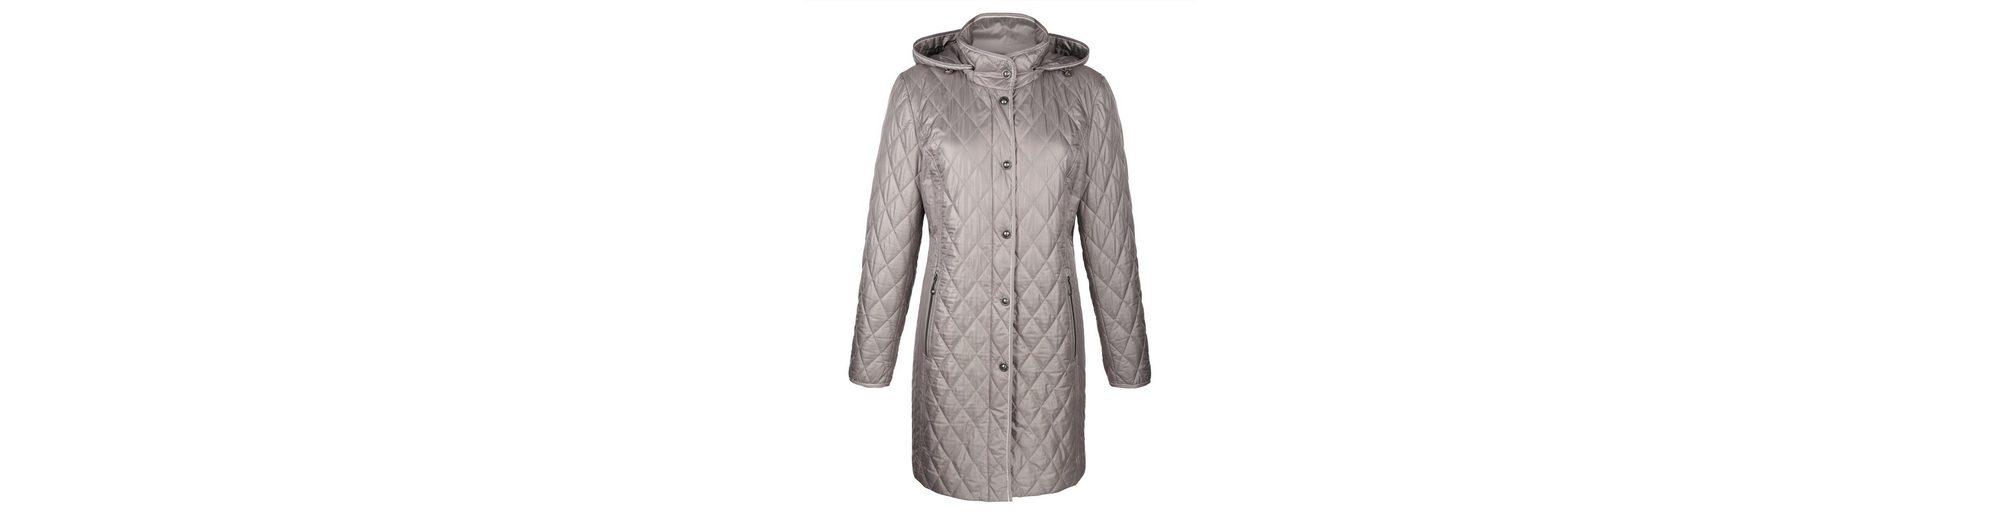 Mona Longstepp-Jacke mit Steppmix Rabatt-Codes Wirklich Billig Manchester Großer Verkauf Günstig Online HoNuqEqCzx